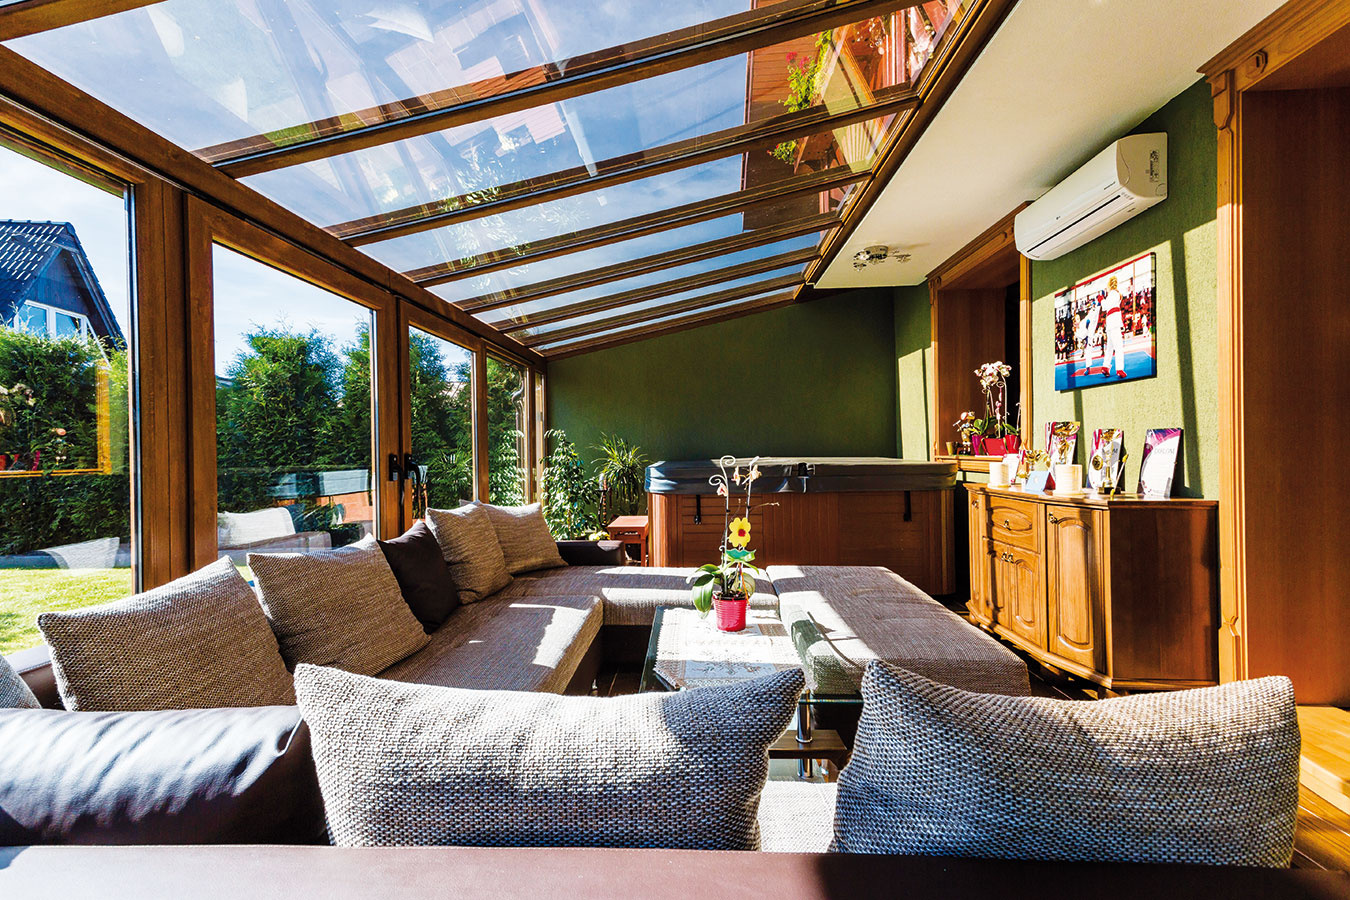 Strmší sklon strechy zimnej záhrady čiastočne odrazí lúče vysokopostaveného letného slnka aobmedzí tak neželané prehrievanie. Sklon aspoň 10° zároveň umožní odtok dažďovej vody.